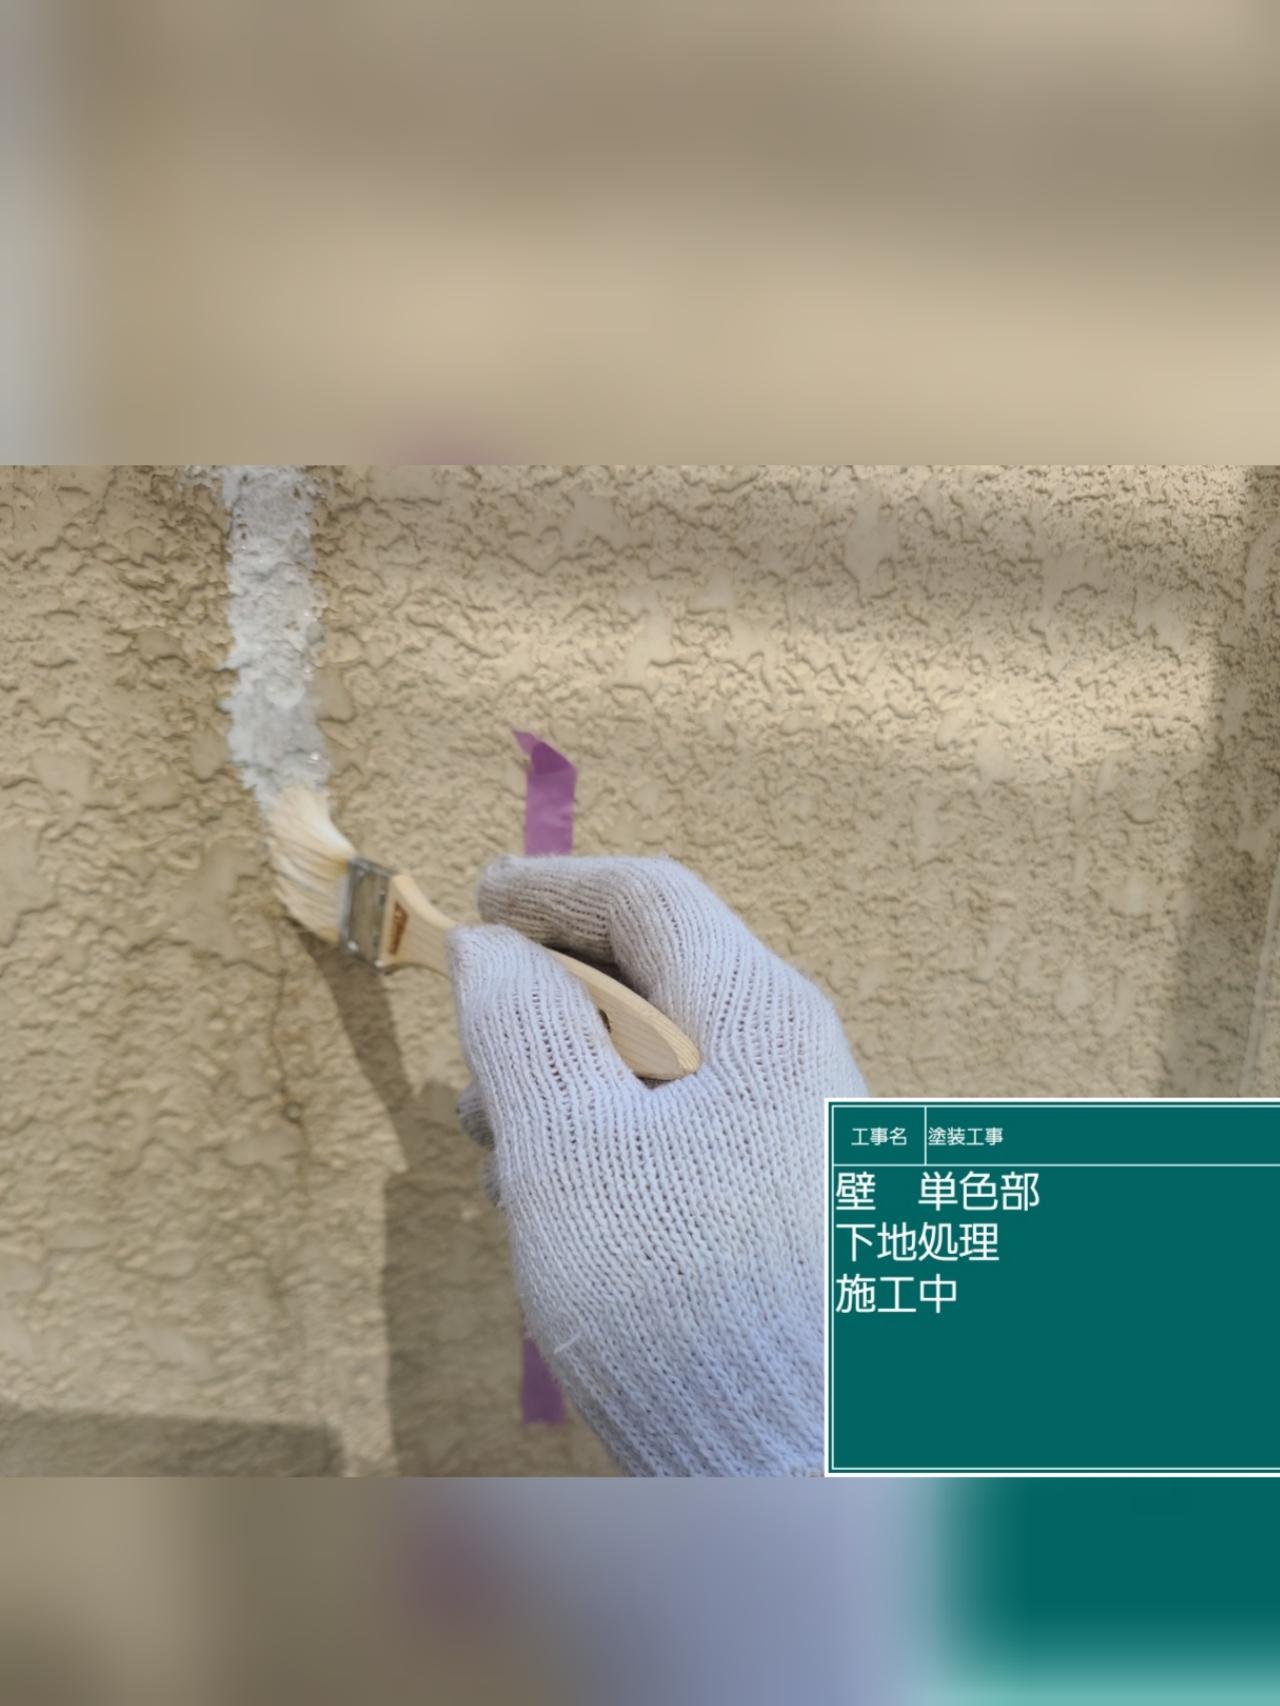 外壁のひび割れ処理もハナマル!【外壁塗装 越谷 埼玉】